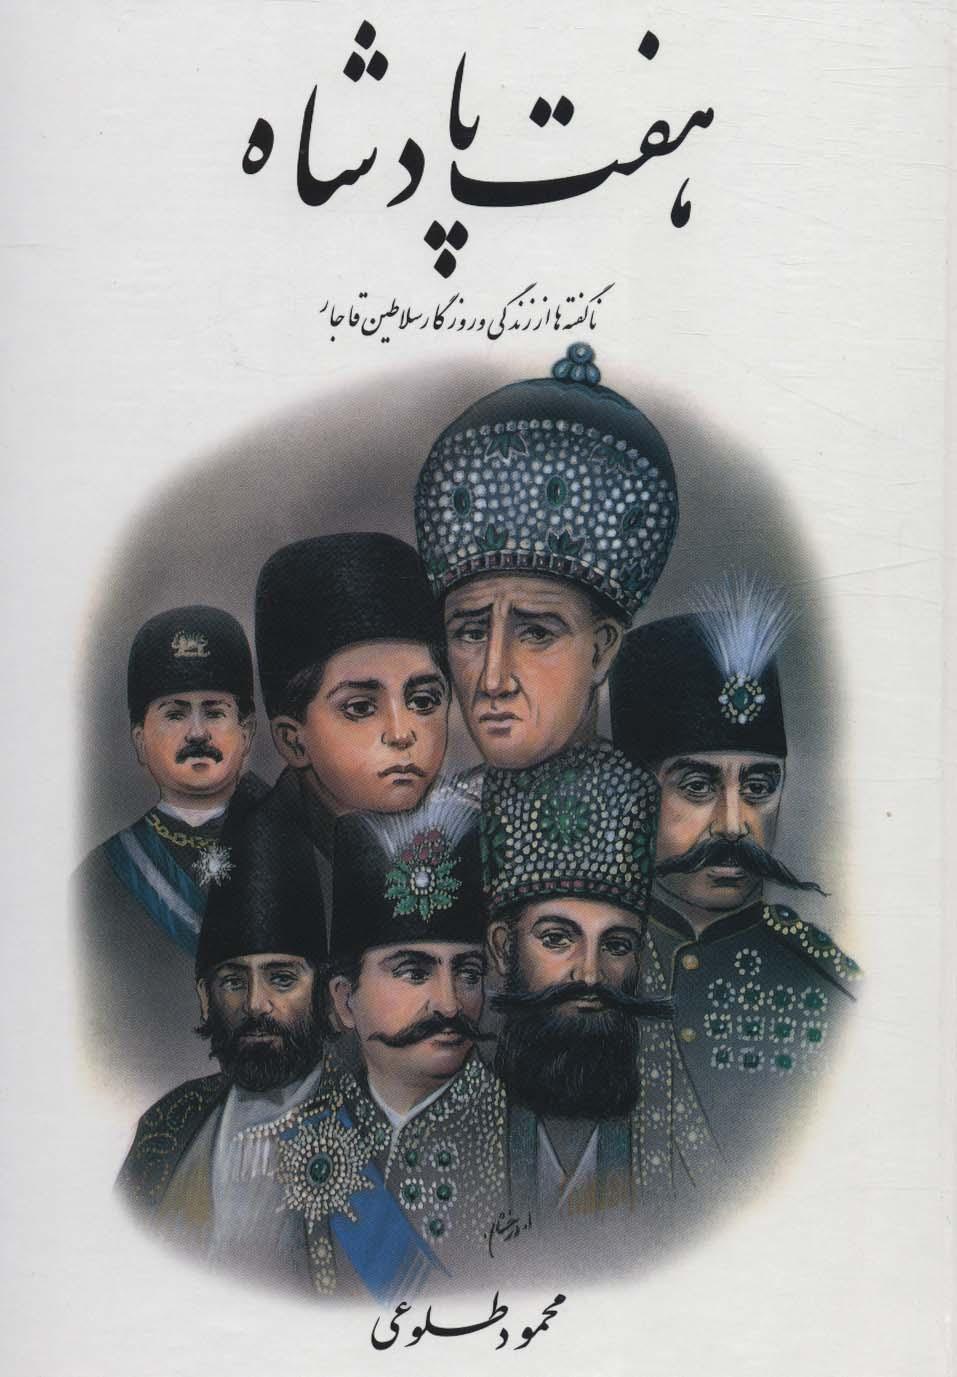 هفت پادشاه (ناگفته ها از زندگی و روزگار سلاطین قاجار)،(2جلدی)